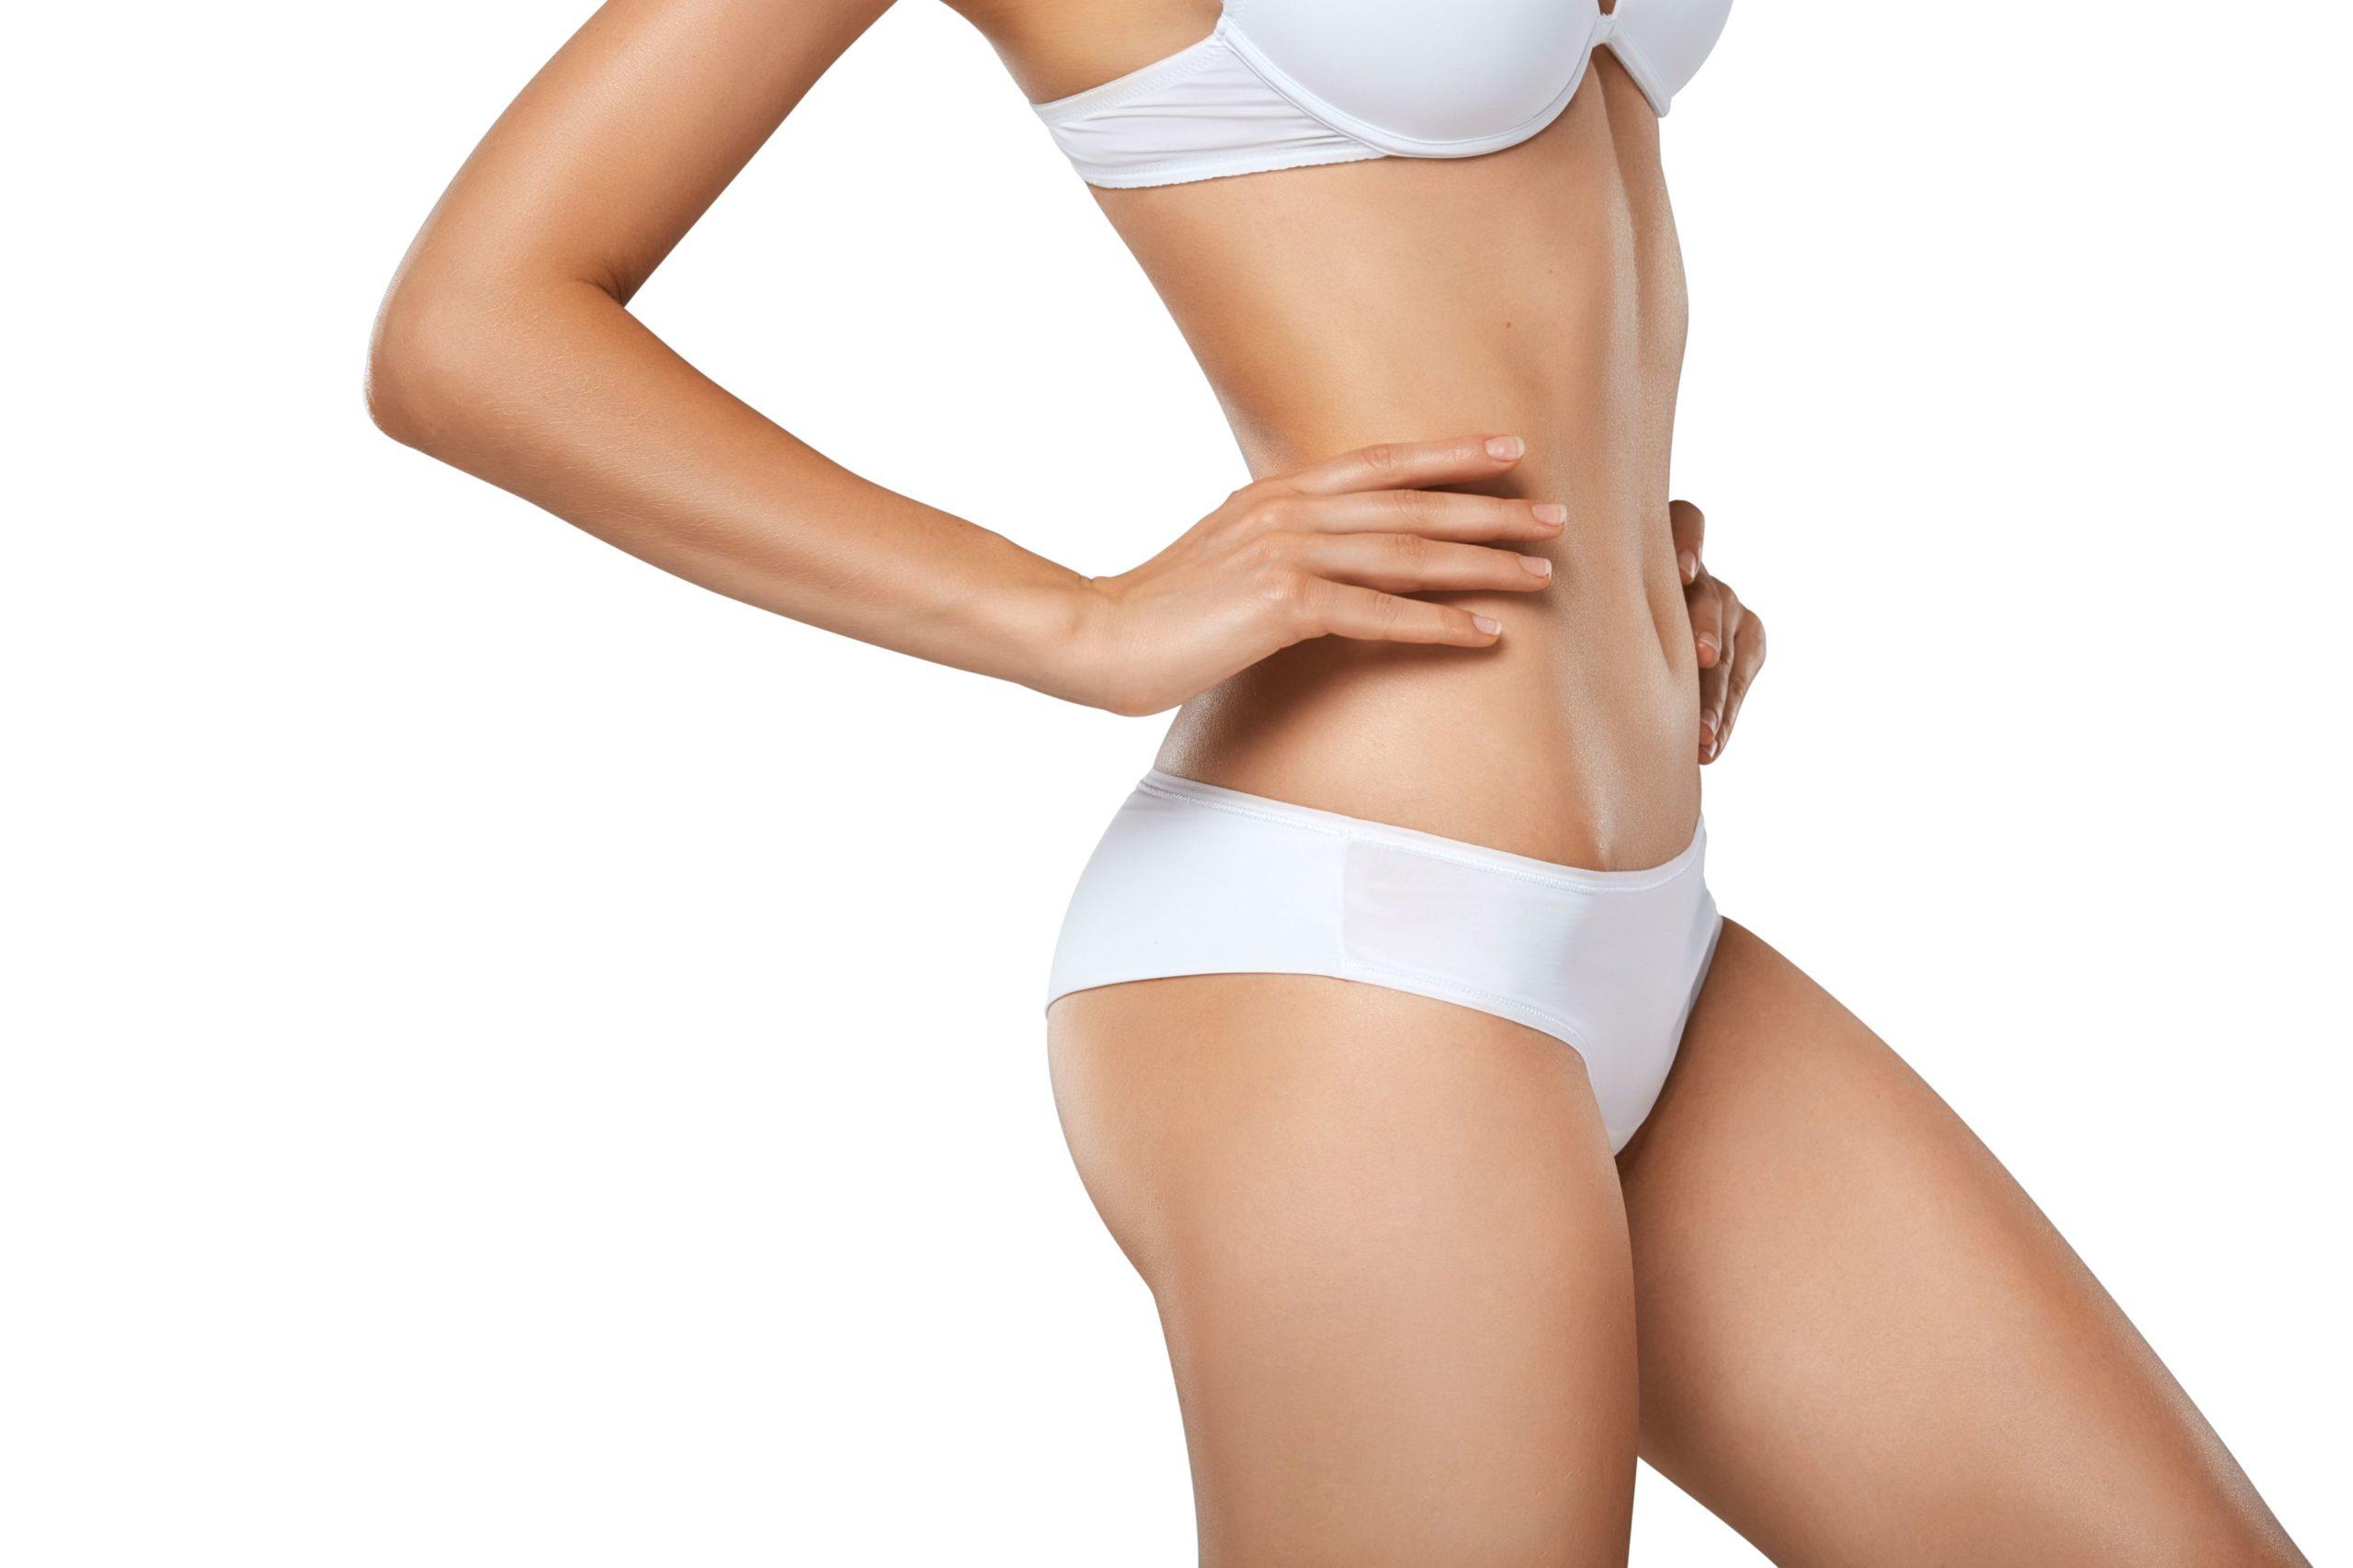 ¿Sabes cuáles son los tratamientos de cirugía estética más populares hoy en día?